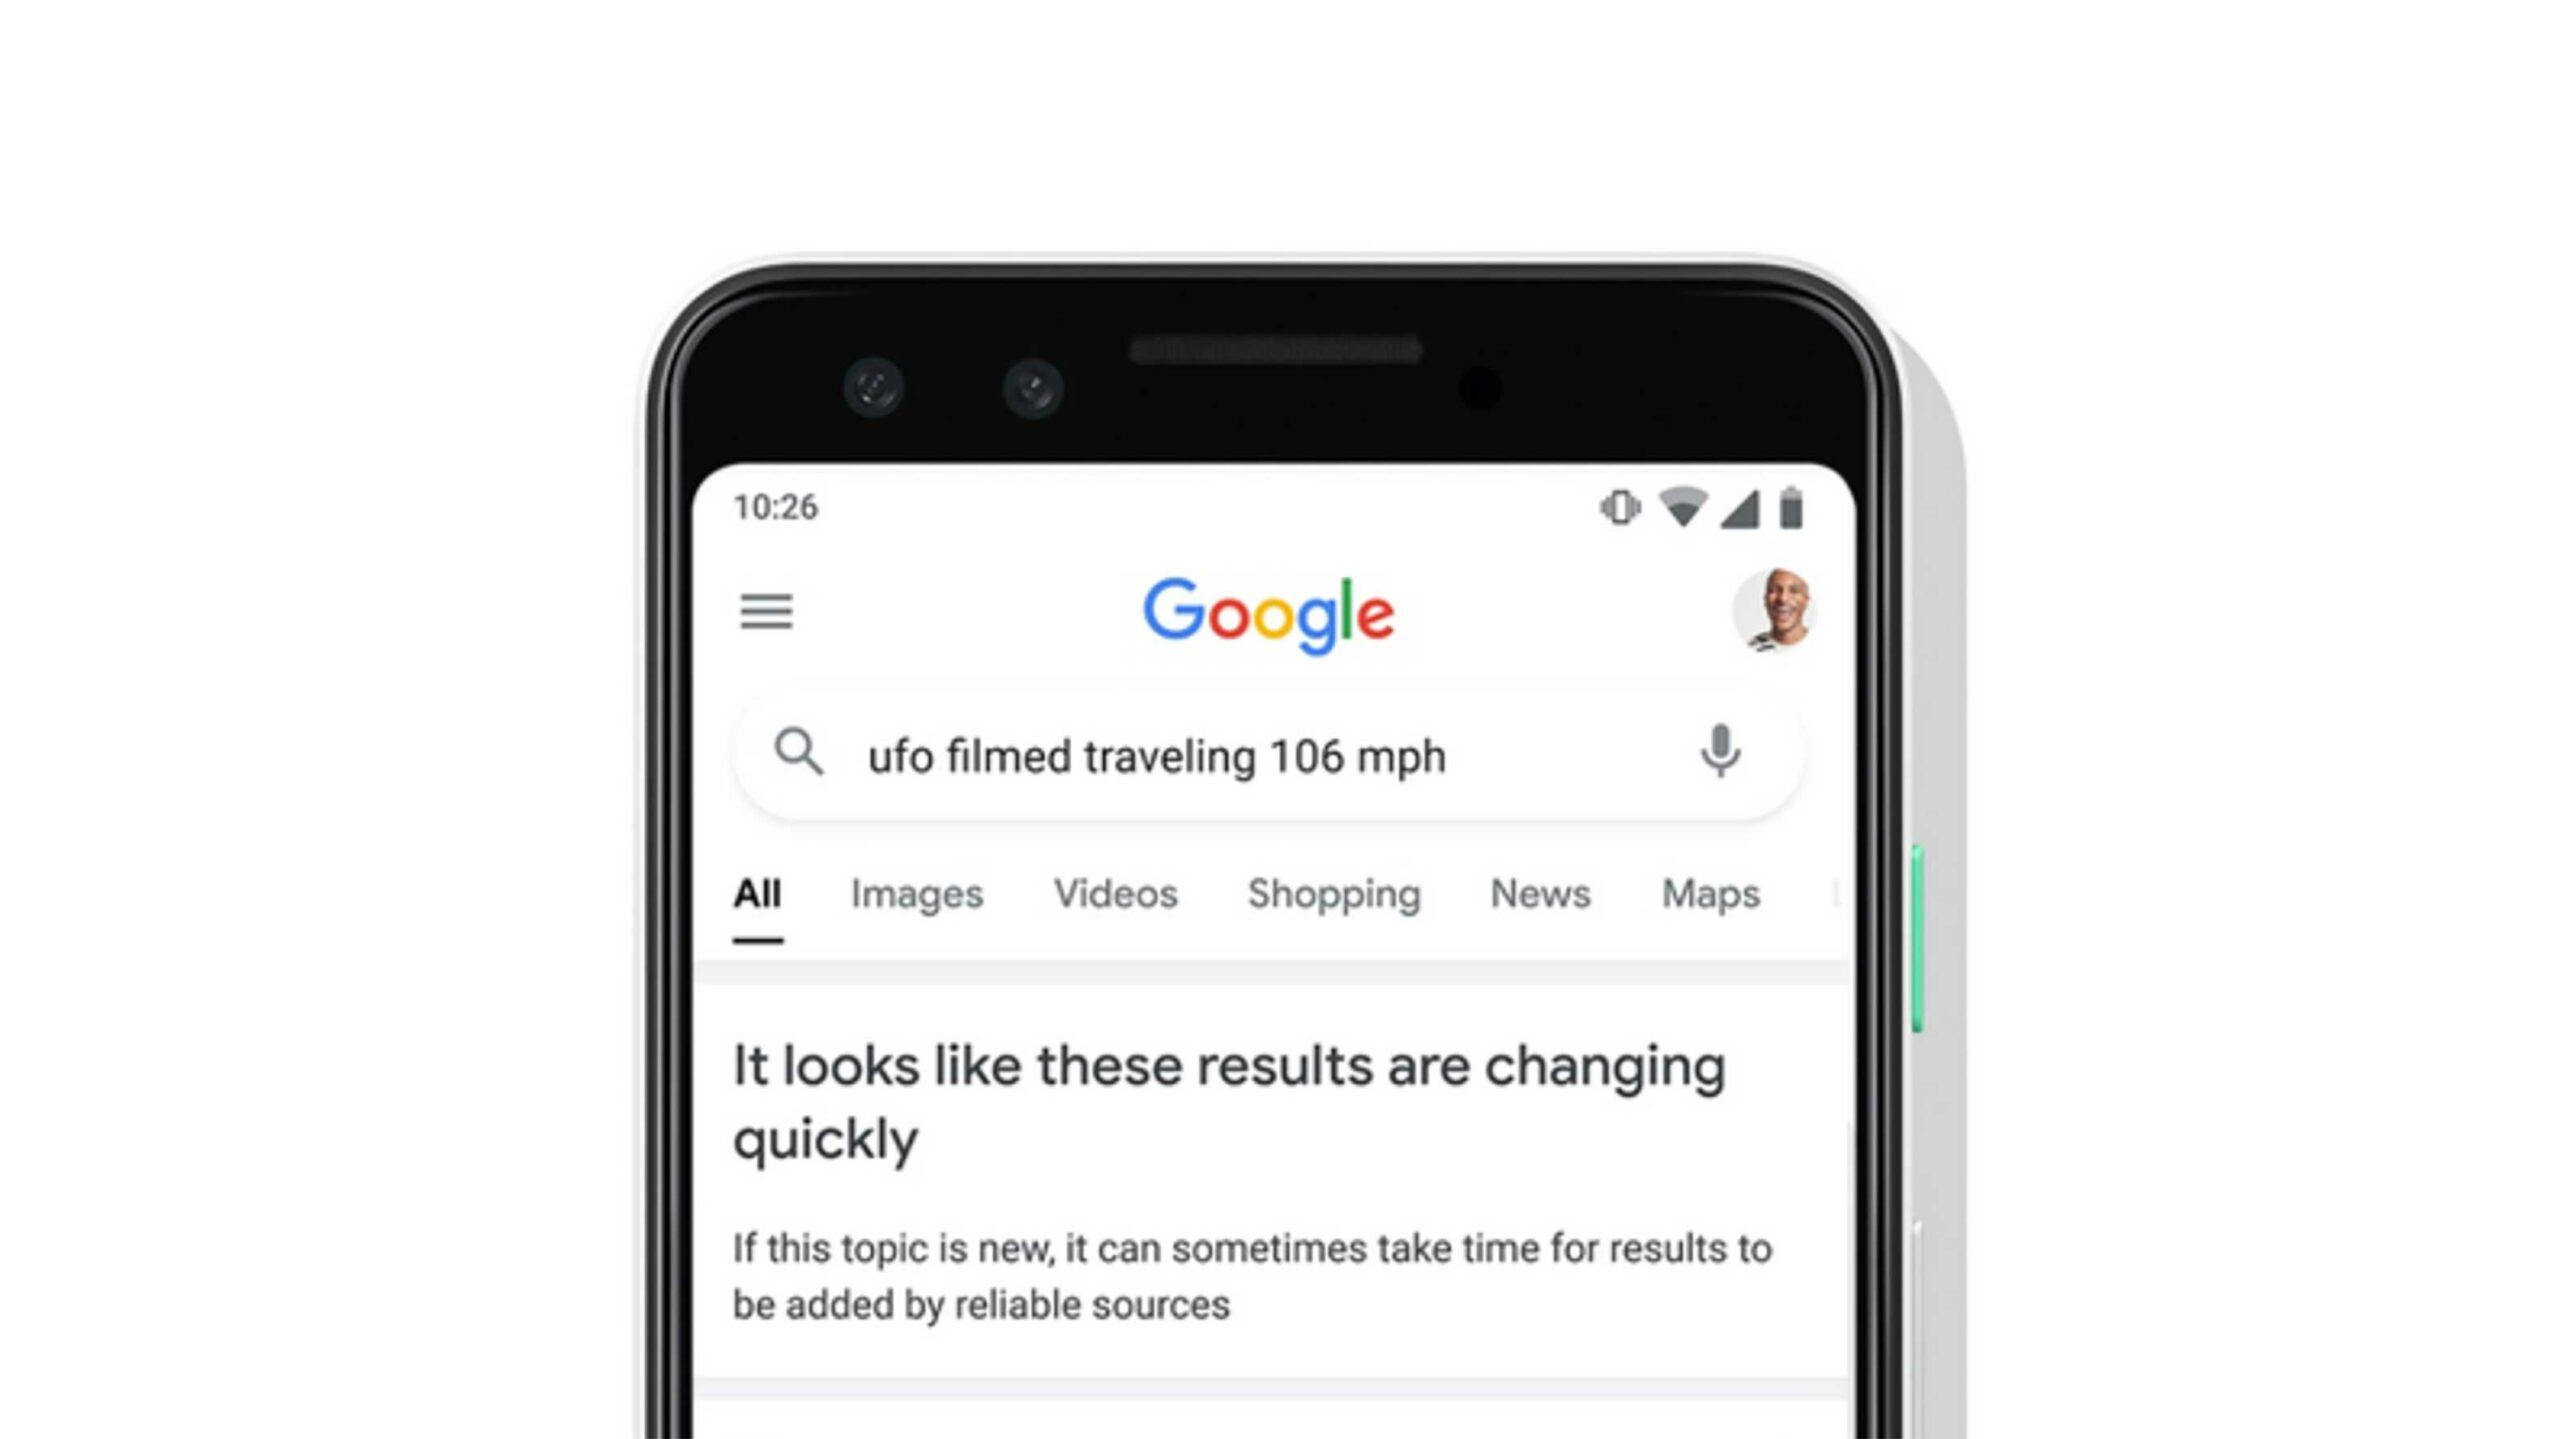 UFO Google Search